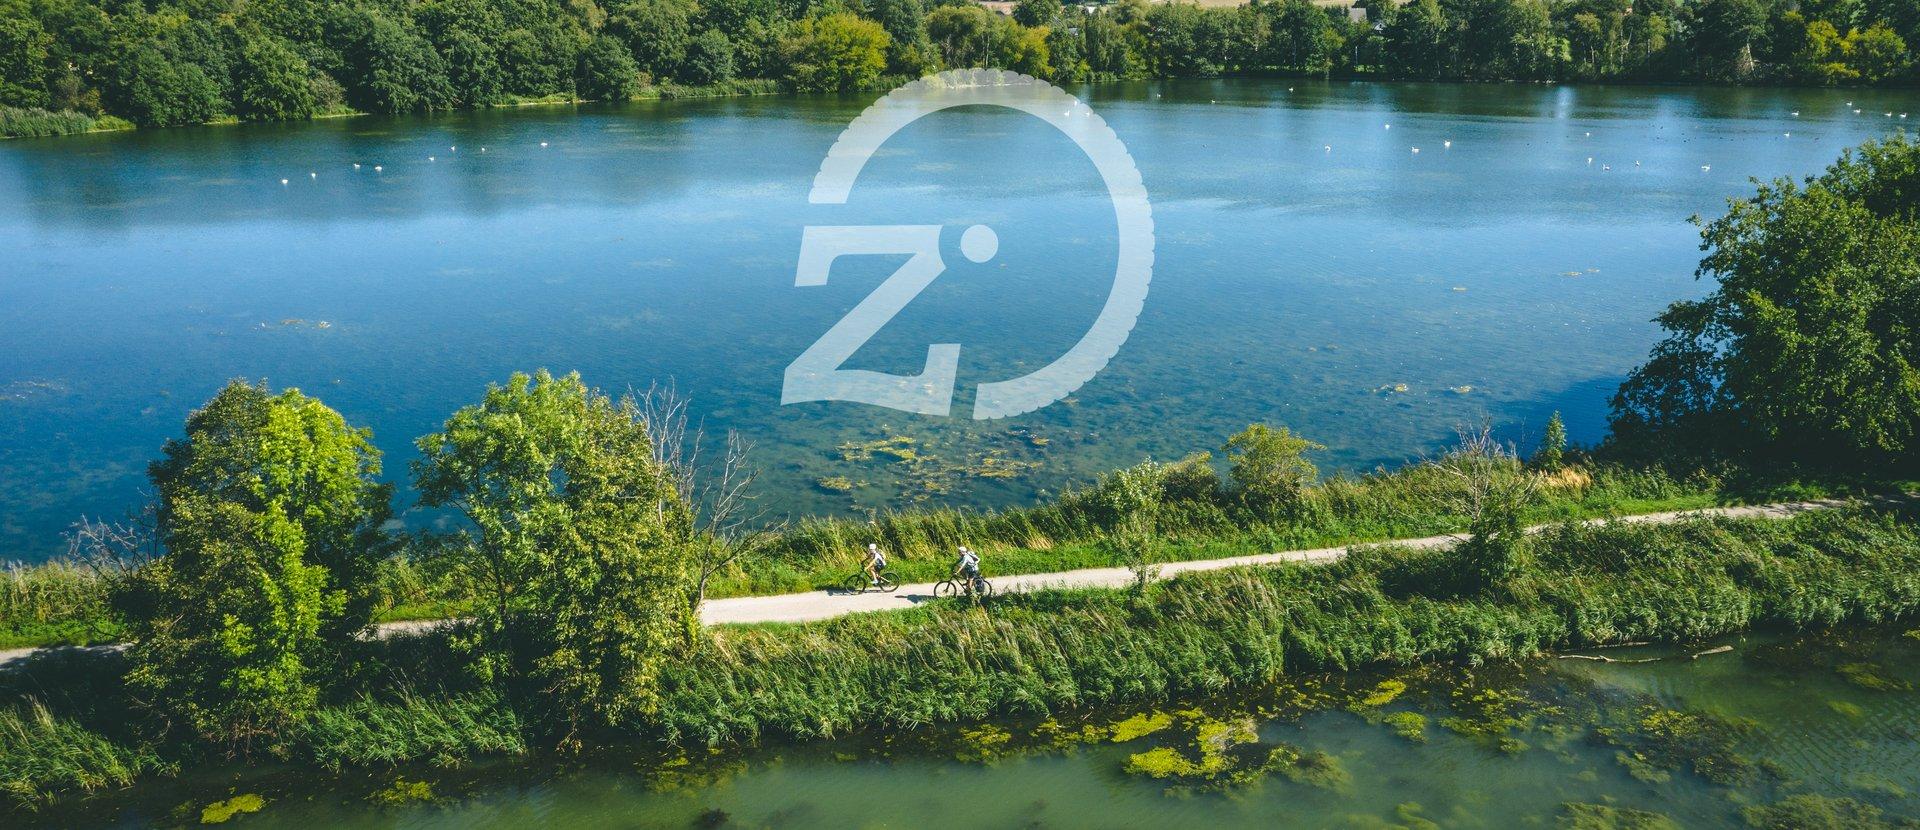 Zwillingsradweg Objevte to nejlepší z Horní Lužice na Nise a Sprévě